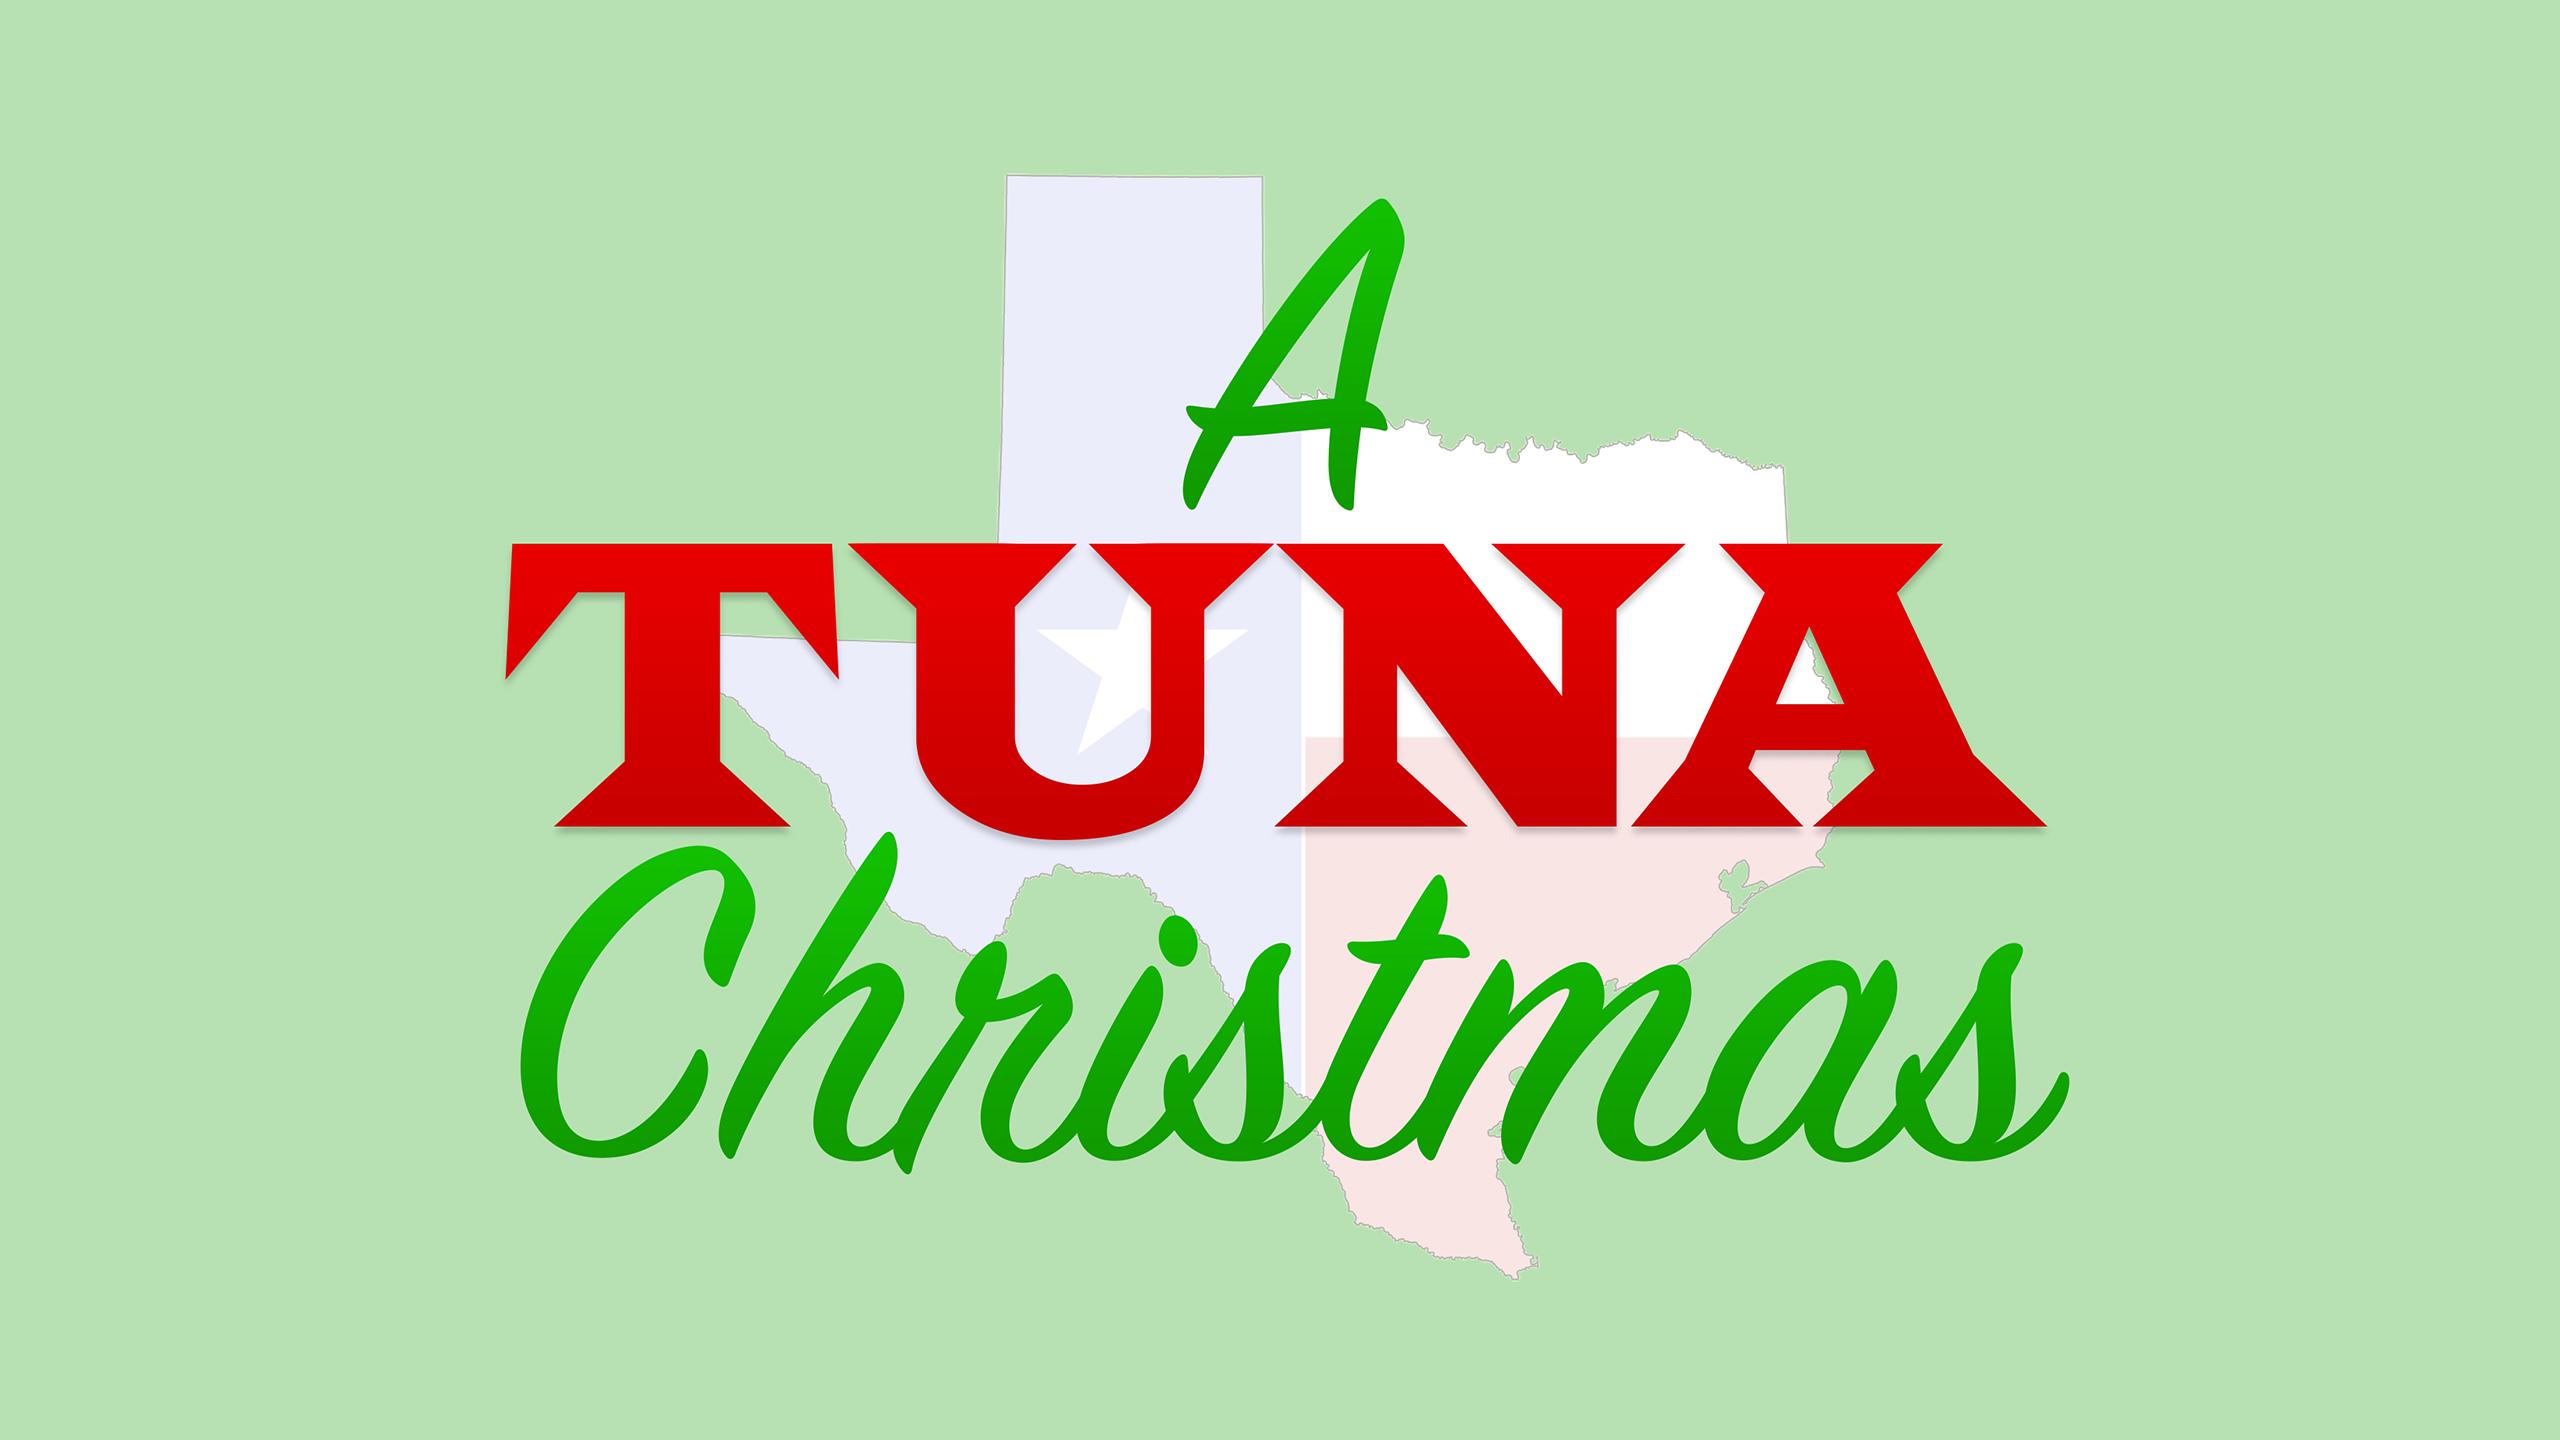 Tuna Christmas 2020 A Tuna Christmas 2020 Schedule | Srenhw.allnewyear.site